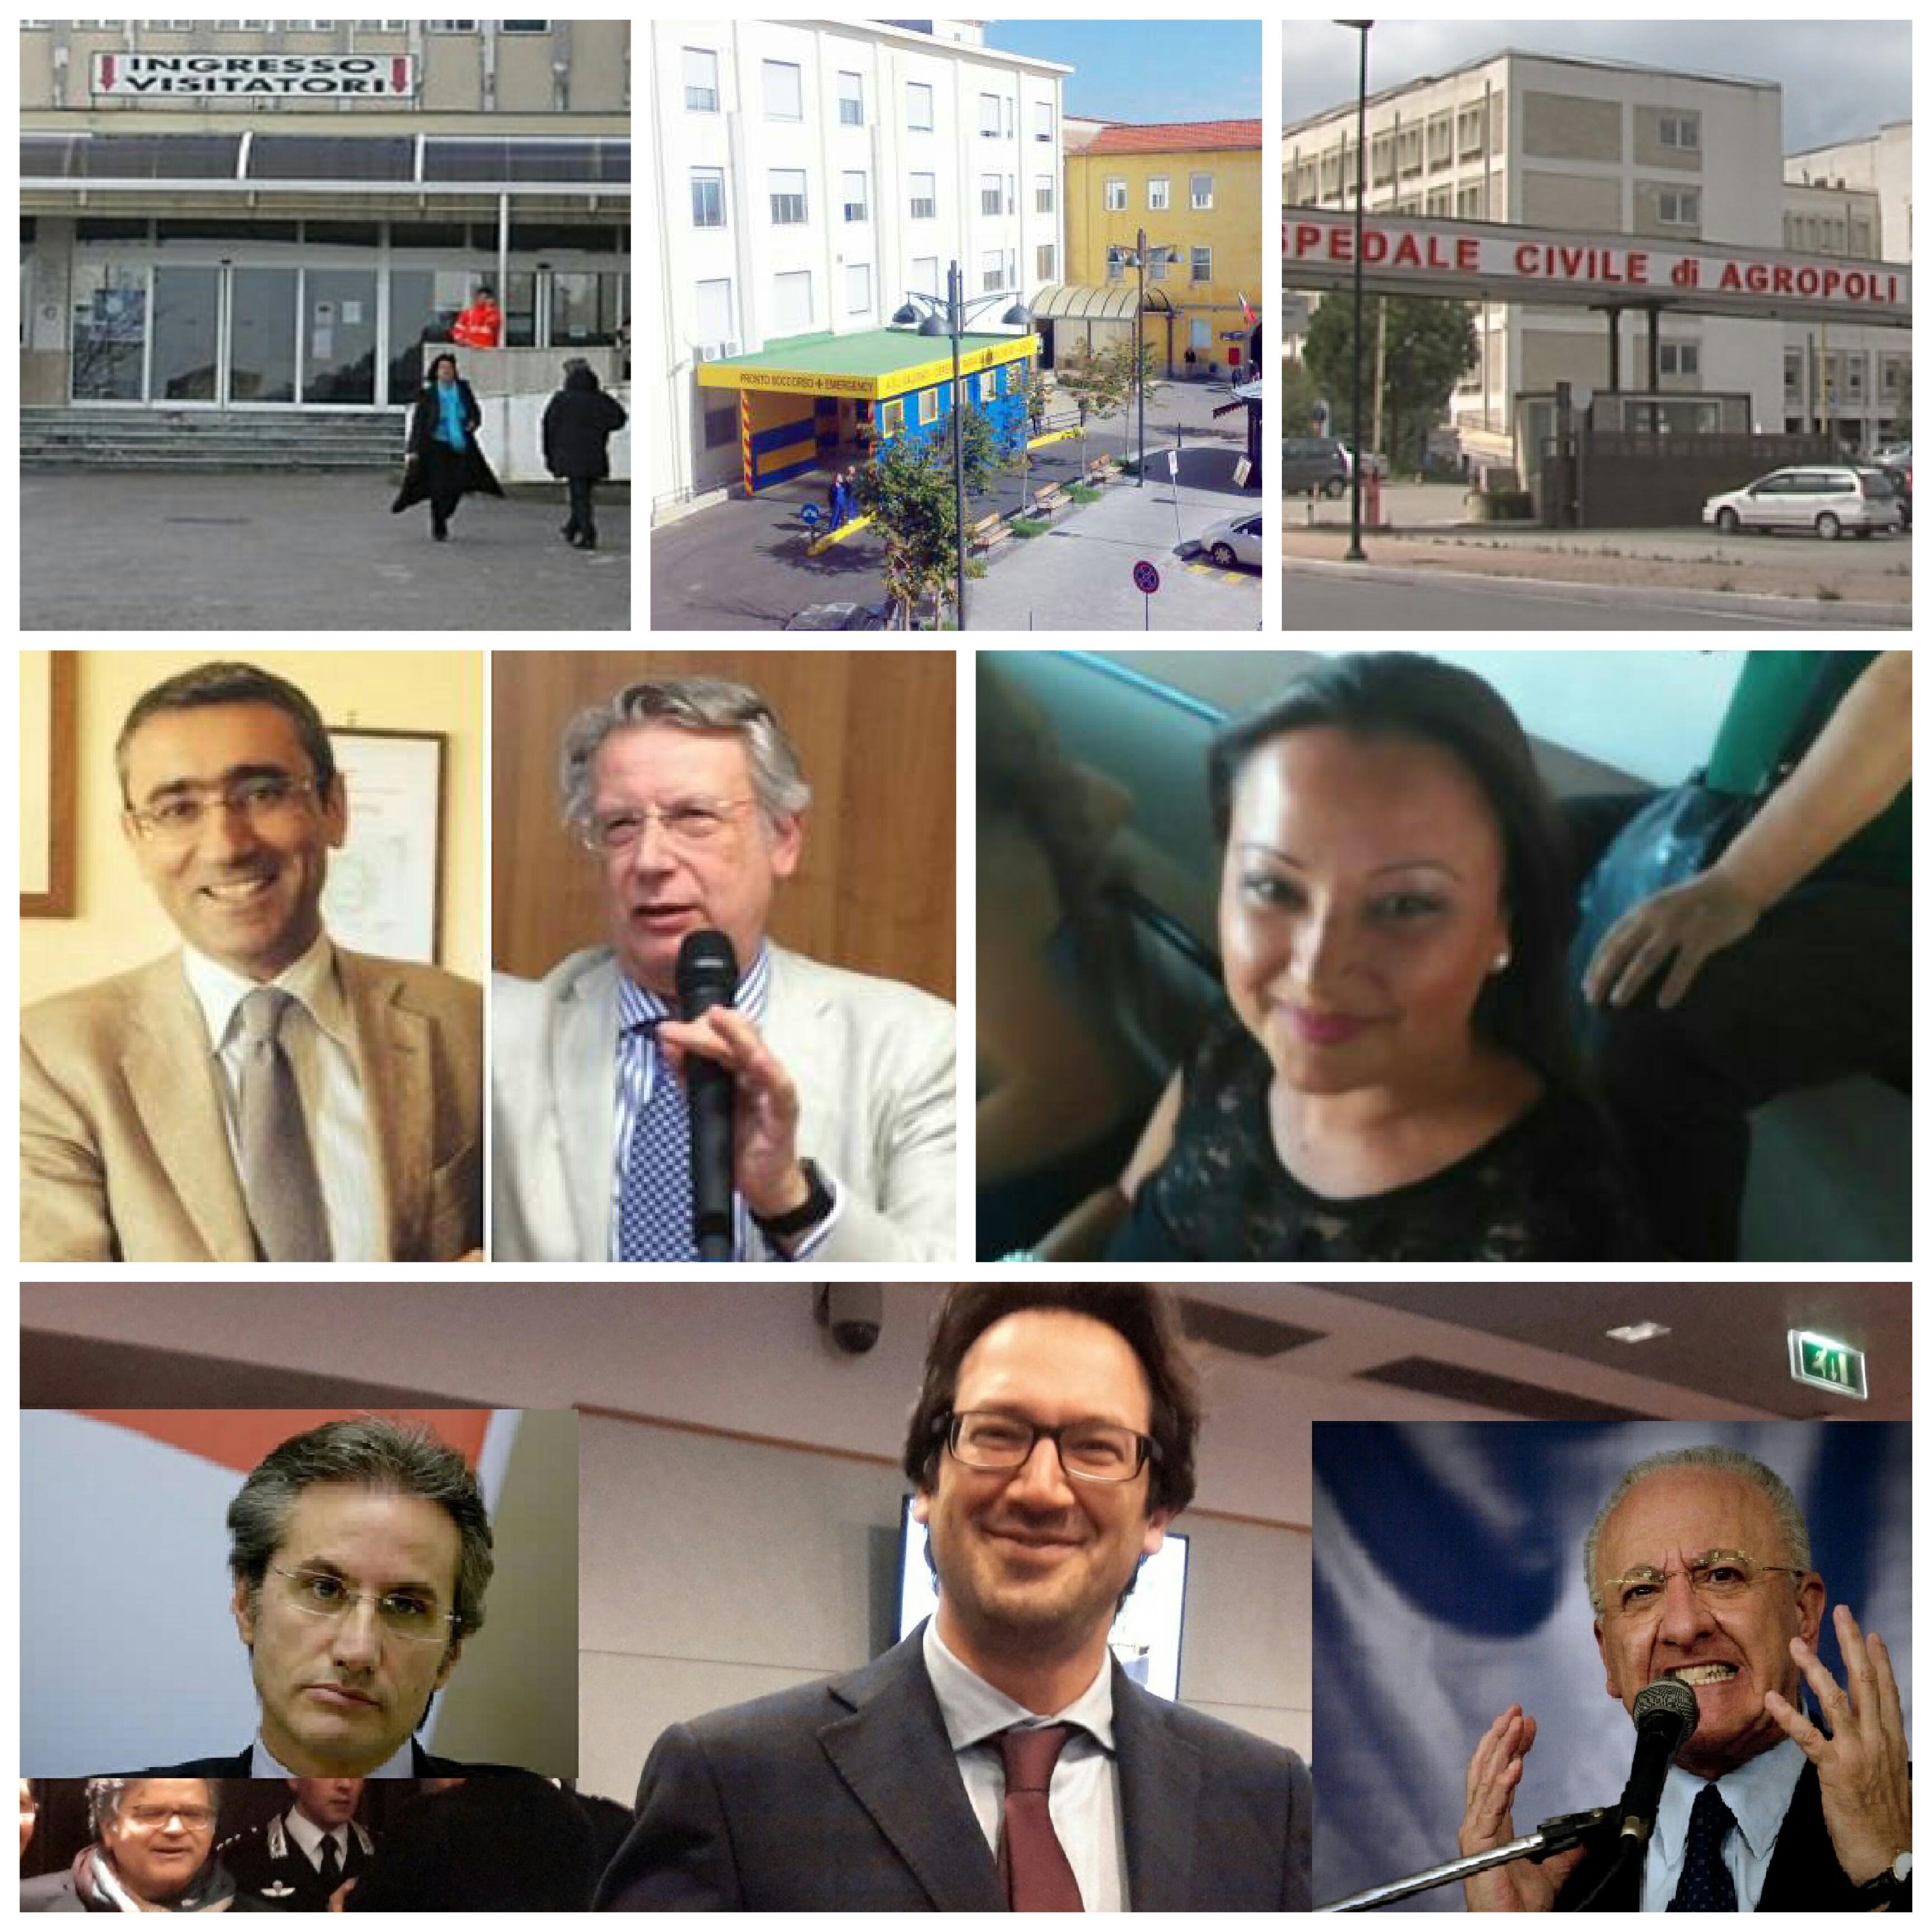 Ospedali-Battipaglia-Eboli-Agropoli-Cantone-Giordano-Adelizzi-Caldoro-Cammarano-De Luca